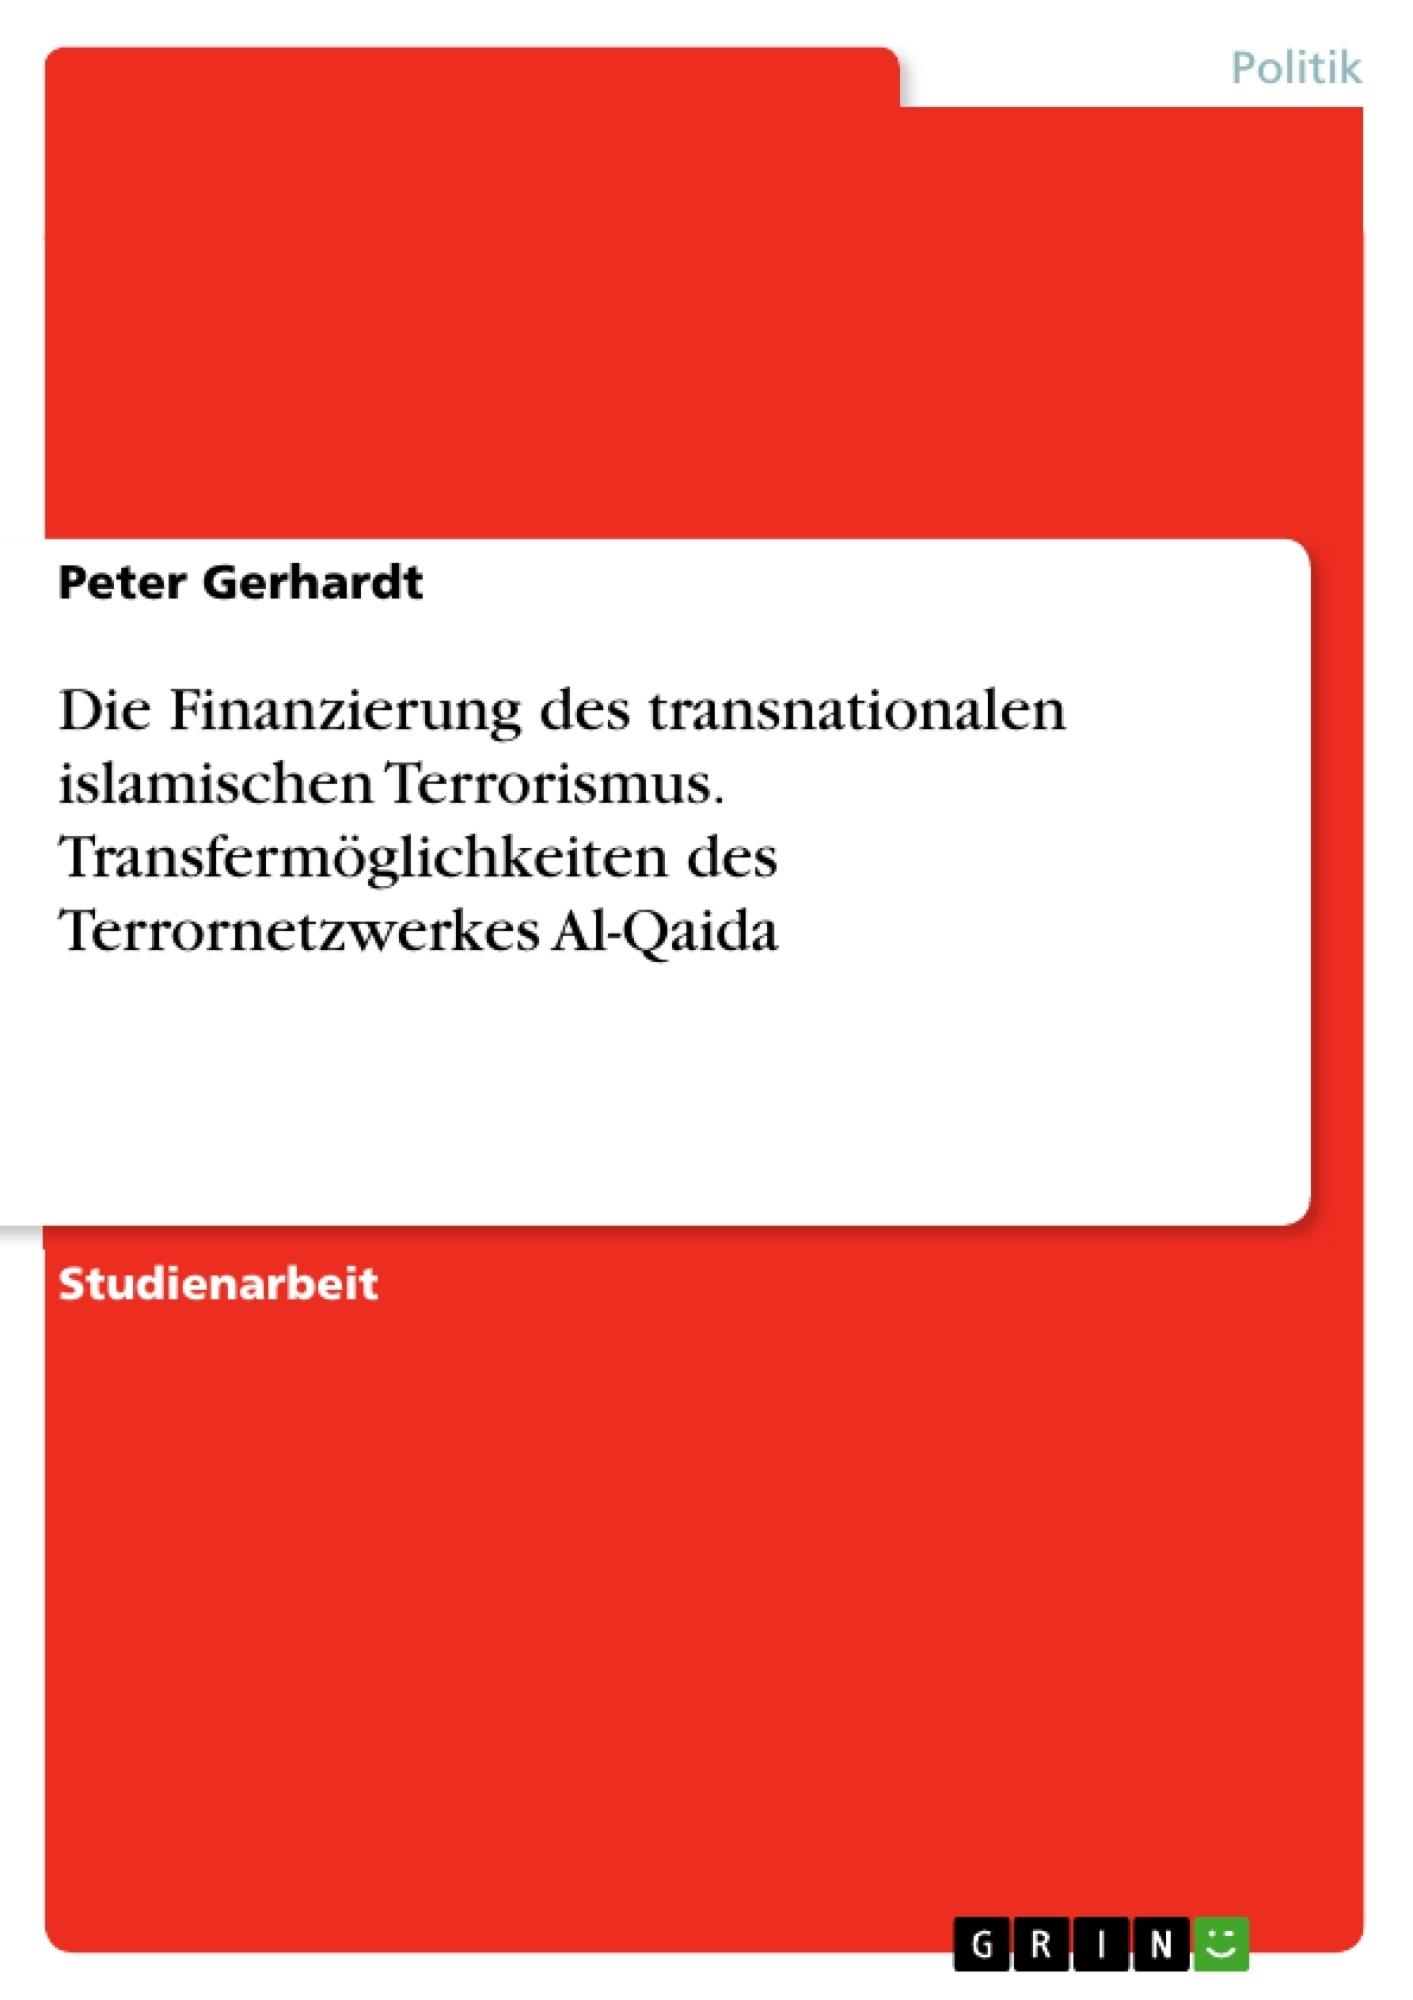 Titel: Die Finanzierung des transnationalen islamischen Terrorismus. Transfermöglichkeiten des Terrornetzwerkes Al-Qaida